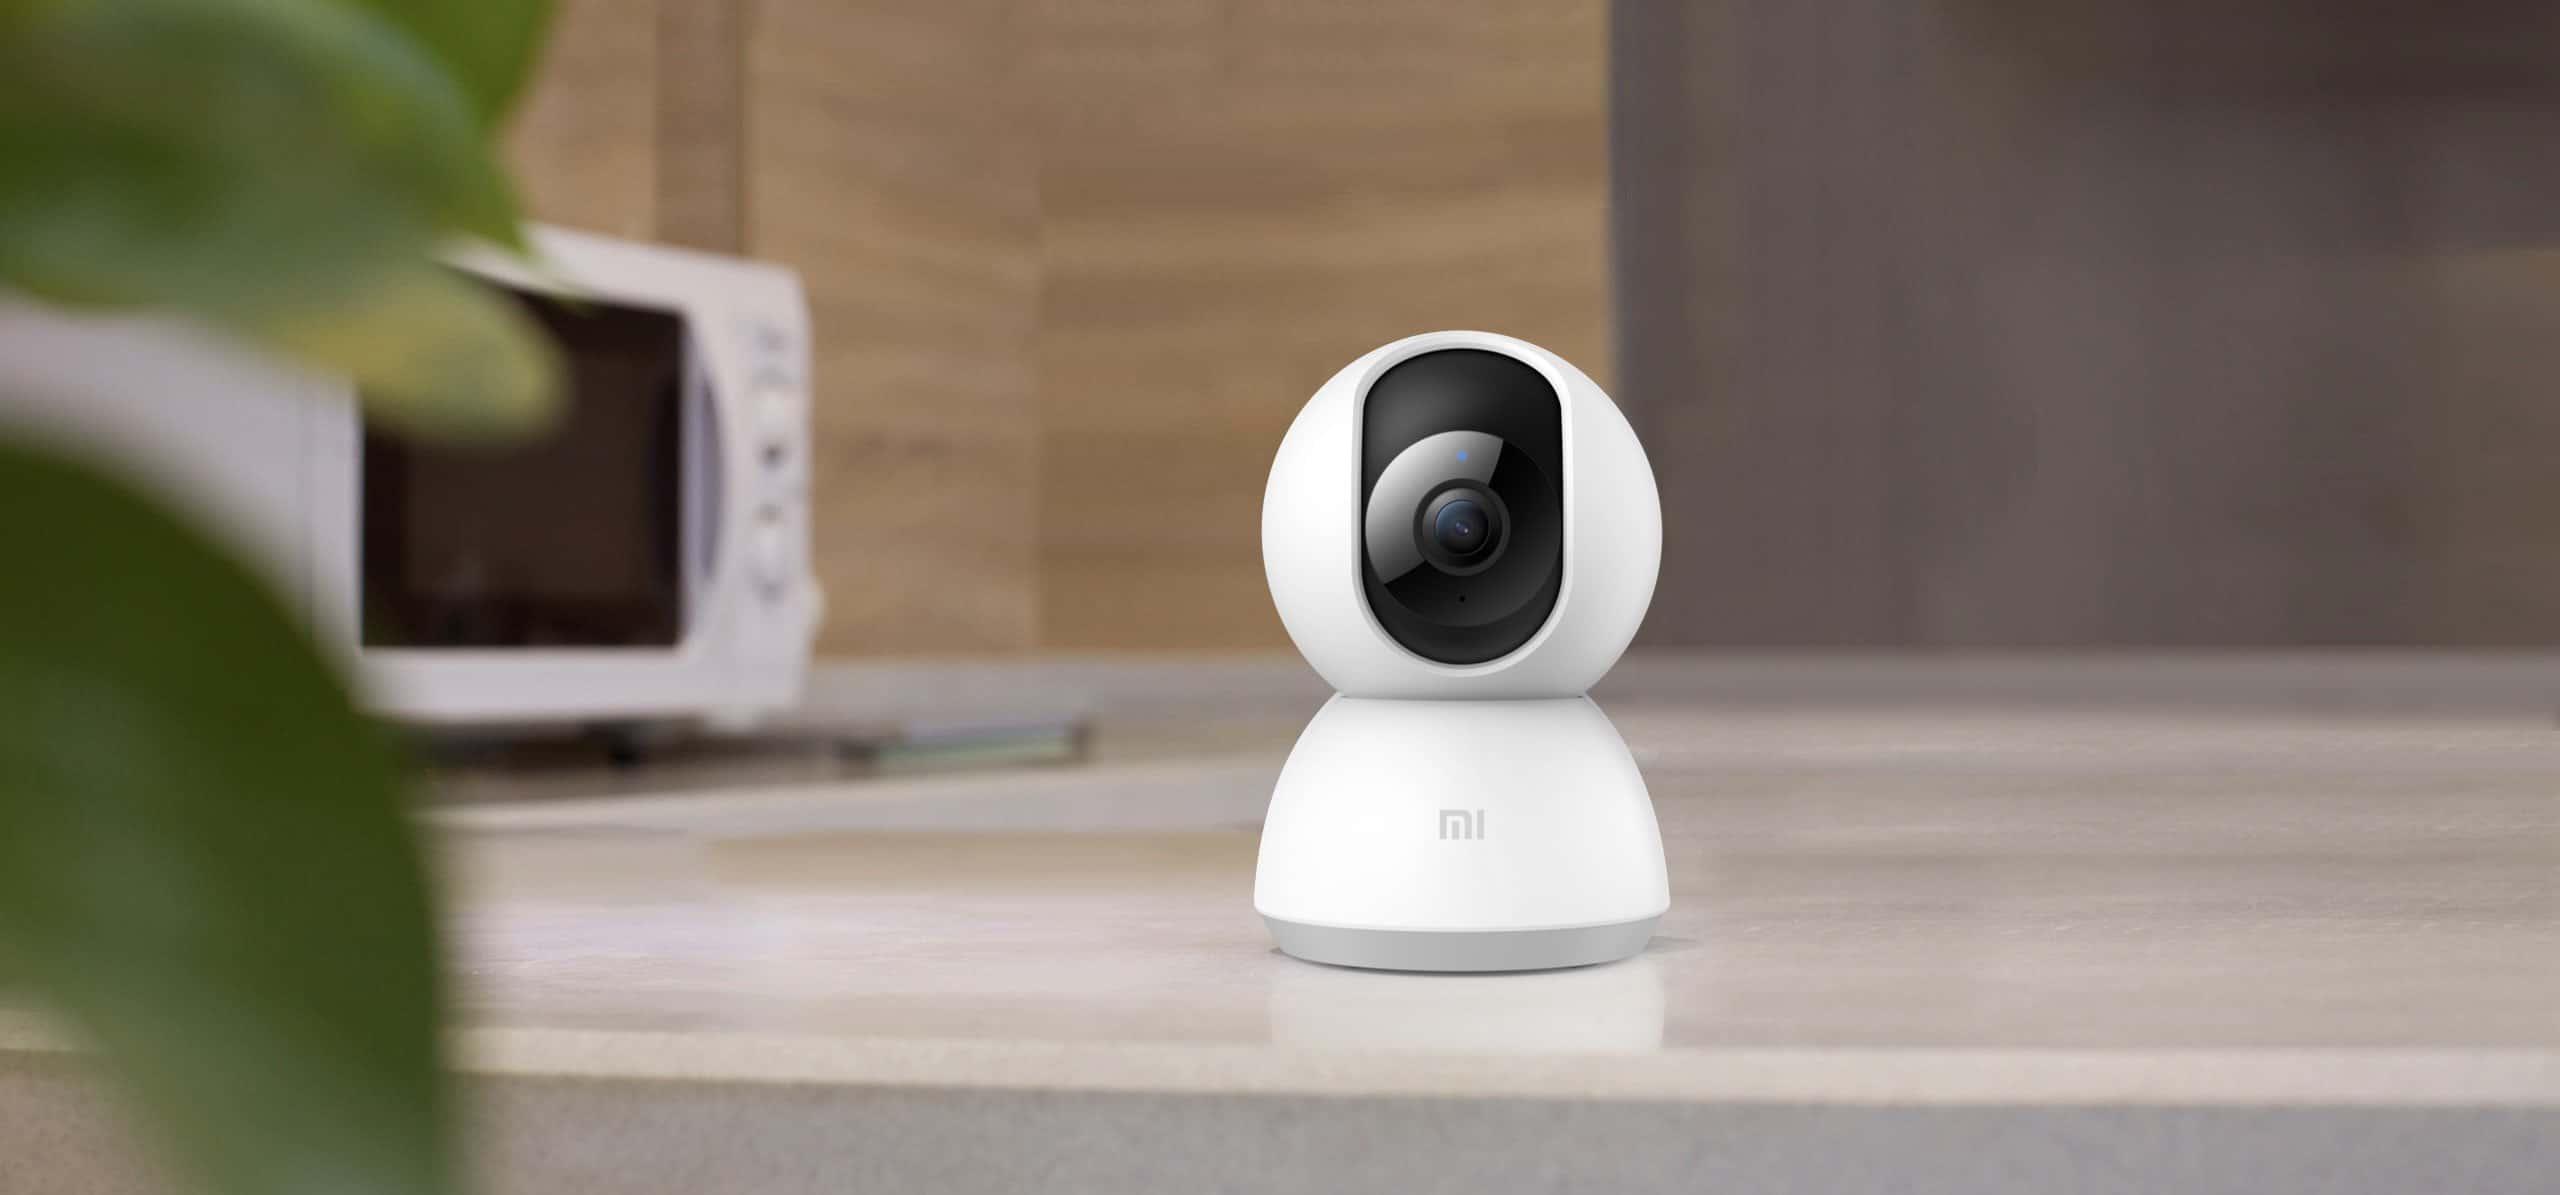 Produktbillede af Xiaomi Mi Home Overvågningskamera. Bedst i test 2. plads. Bedste indendørs overvågningskamera.